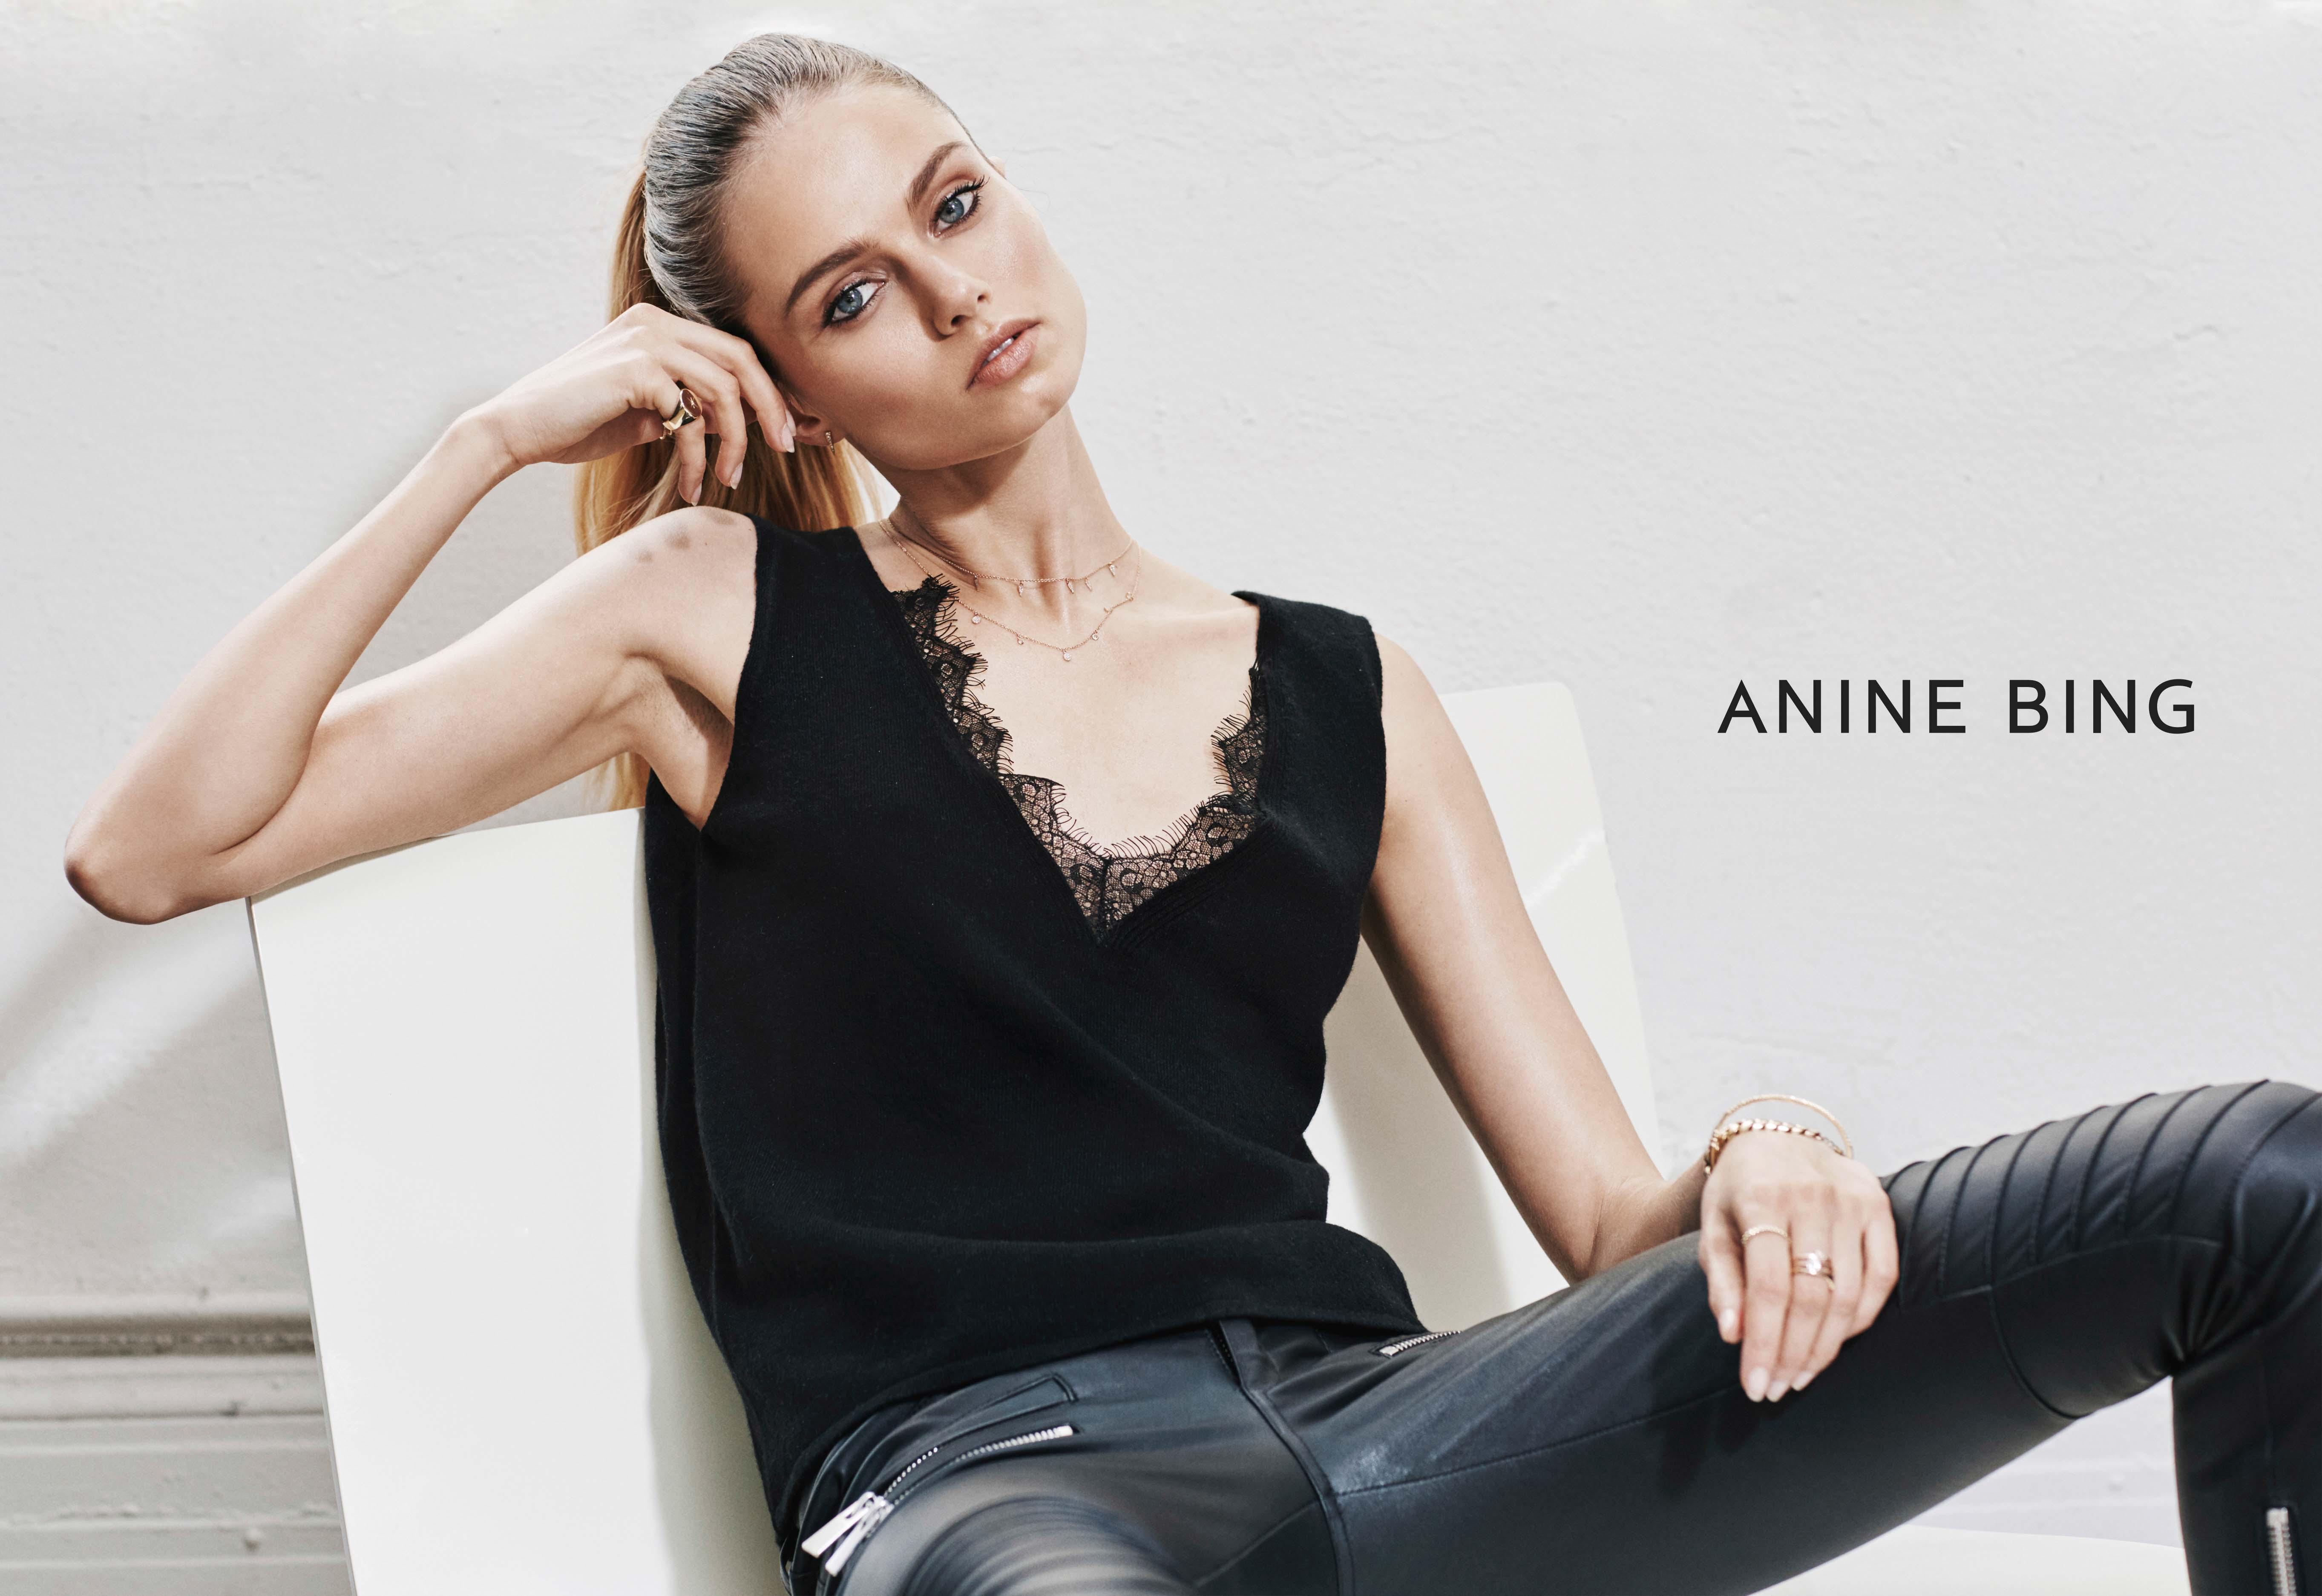 ANINE-BING-FEBRUARY-4